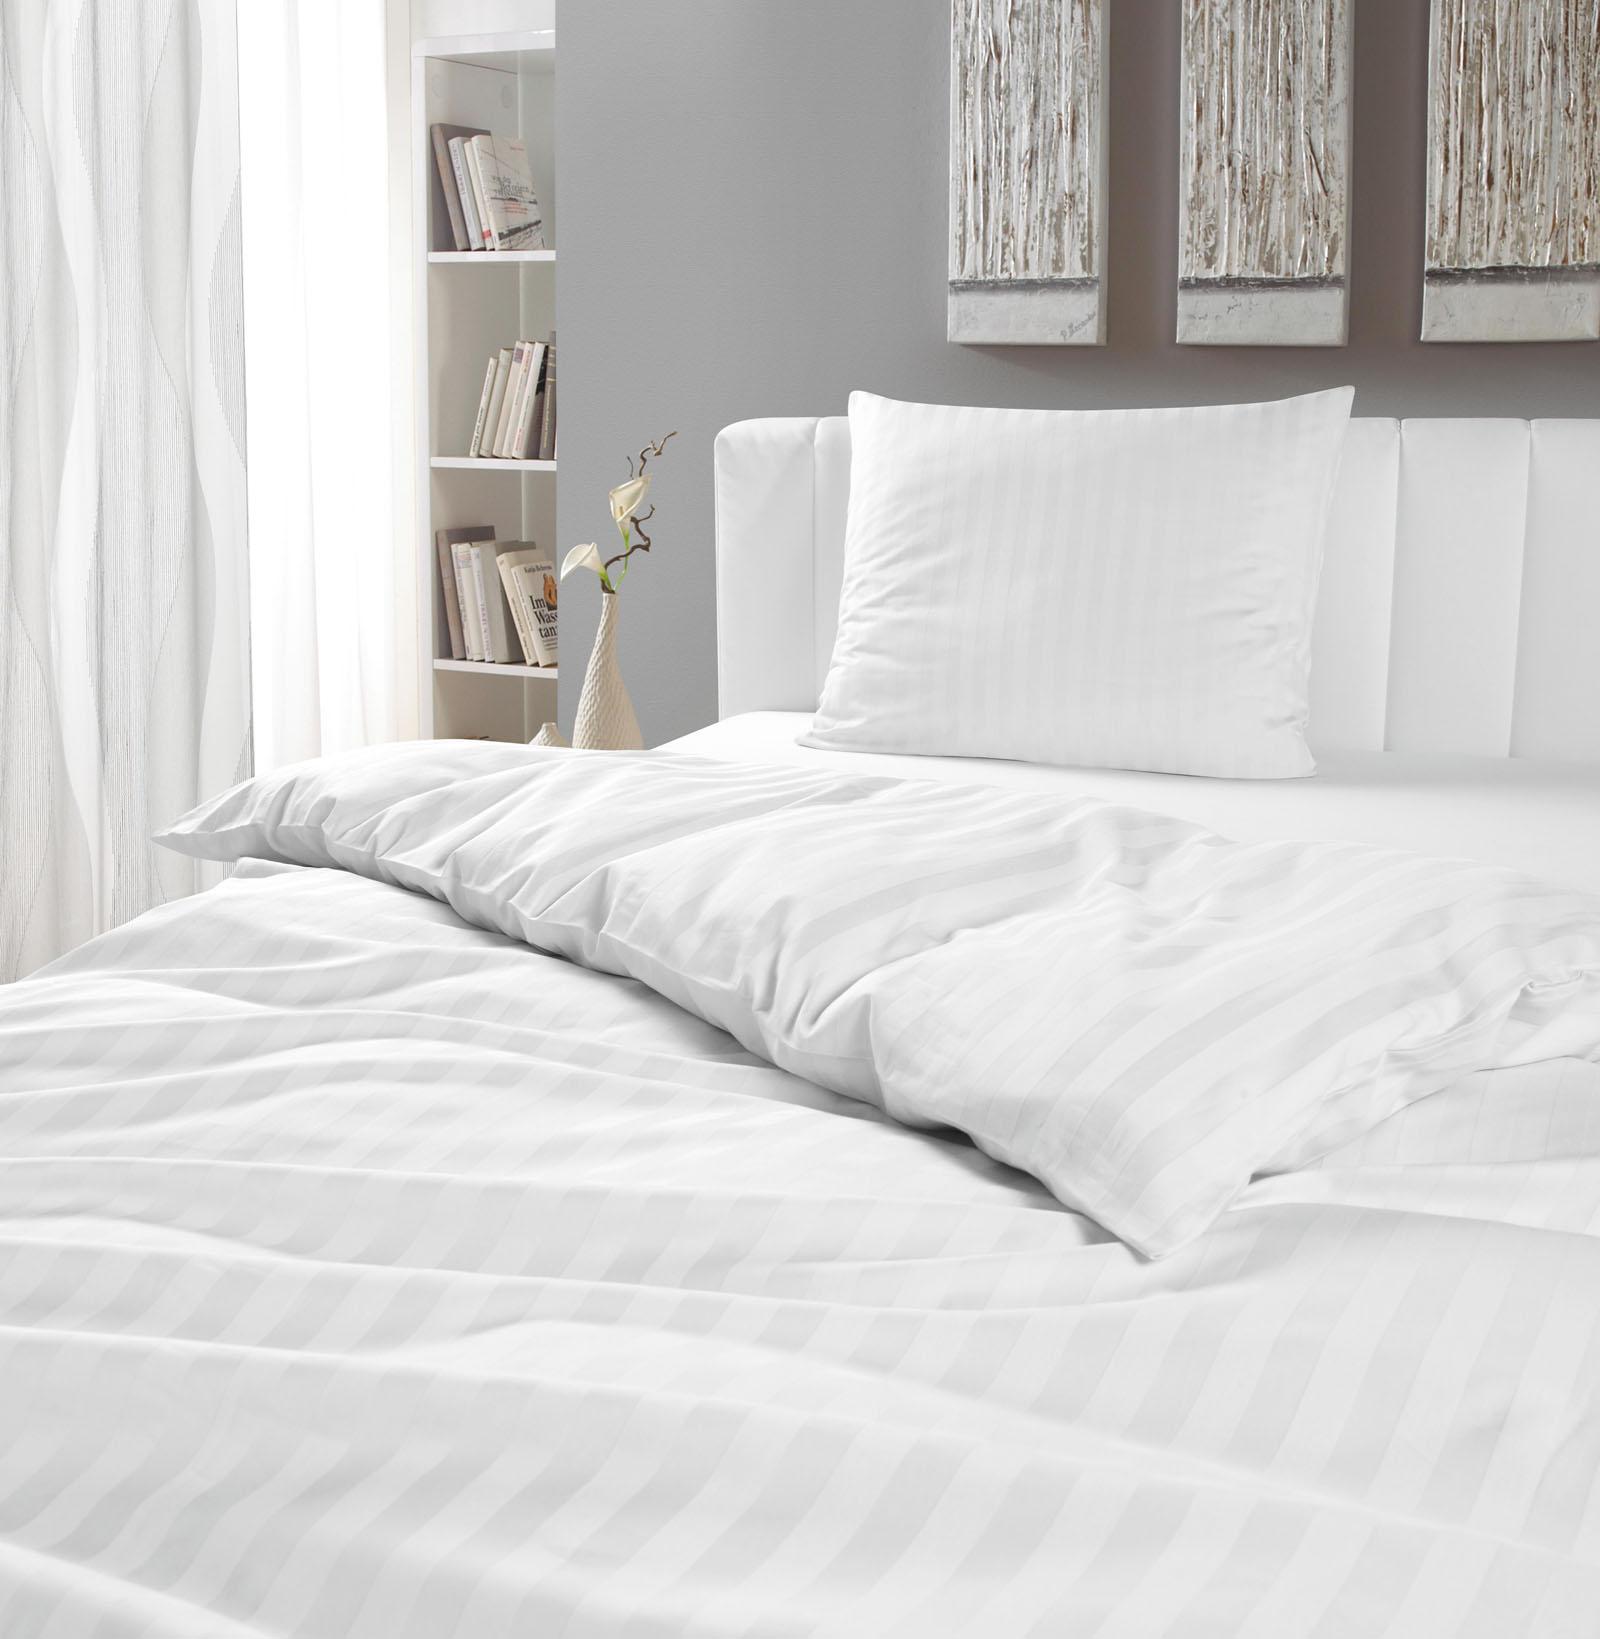 Jastučnica 60x80cm. 27,99 kn cijena vrijedi do 31.05.20._87301002